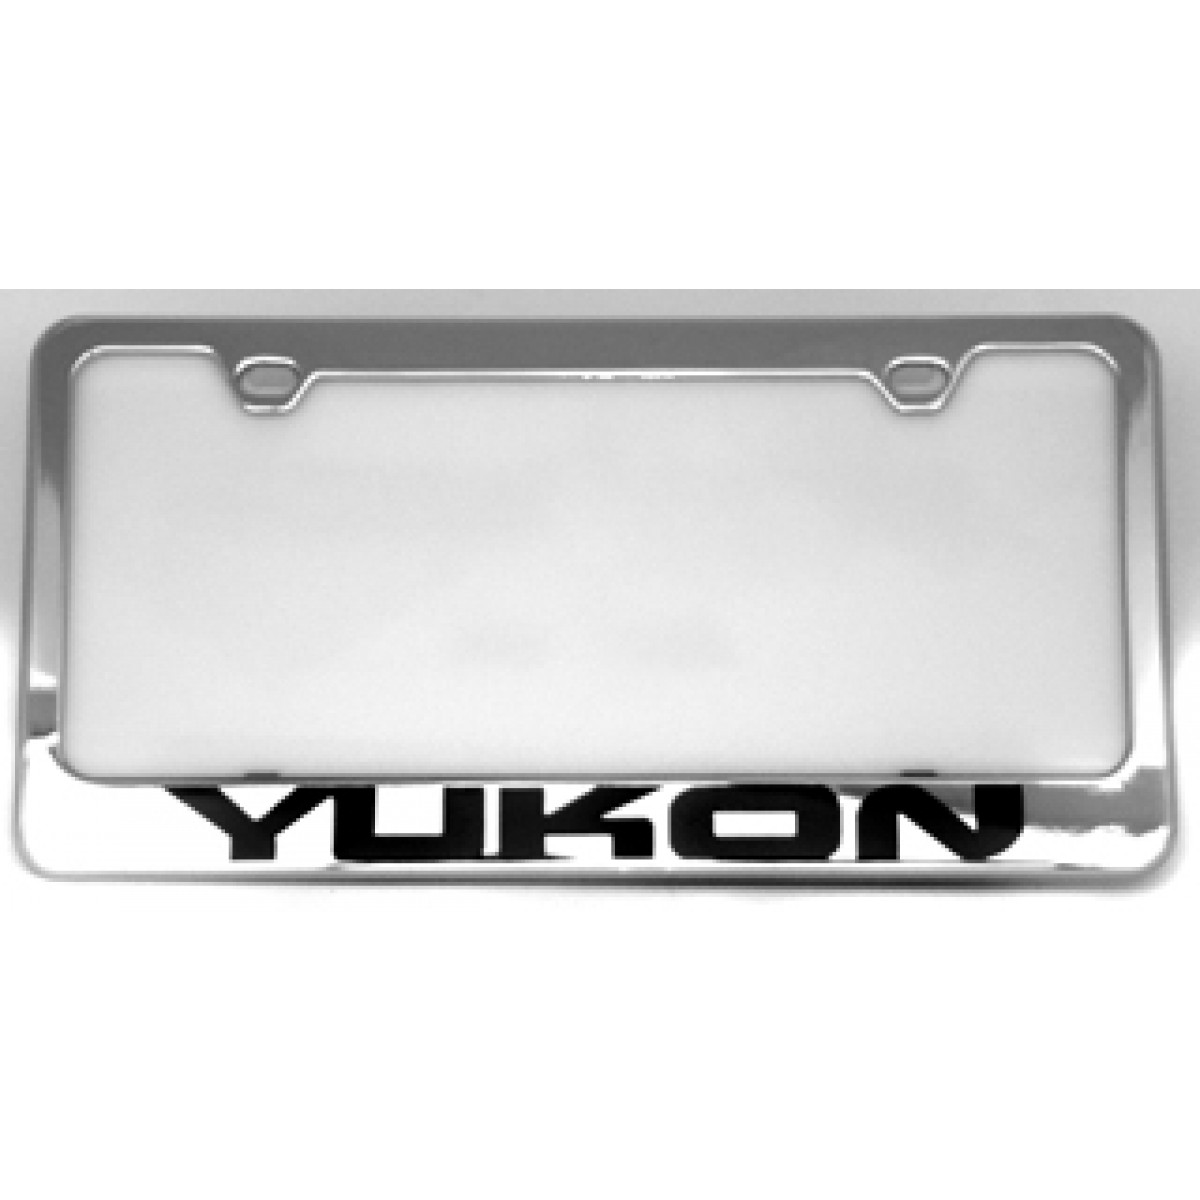 HossRods.com   GMC Yukon License Plate Frame   Hot Rod Accessories ...